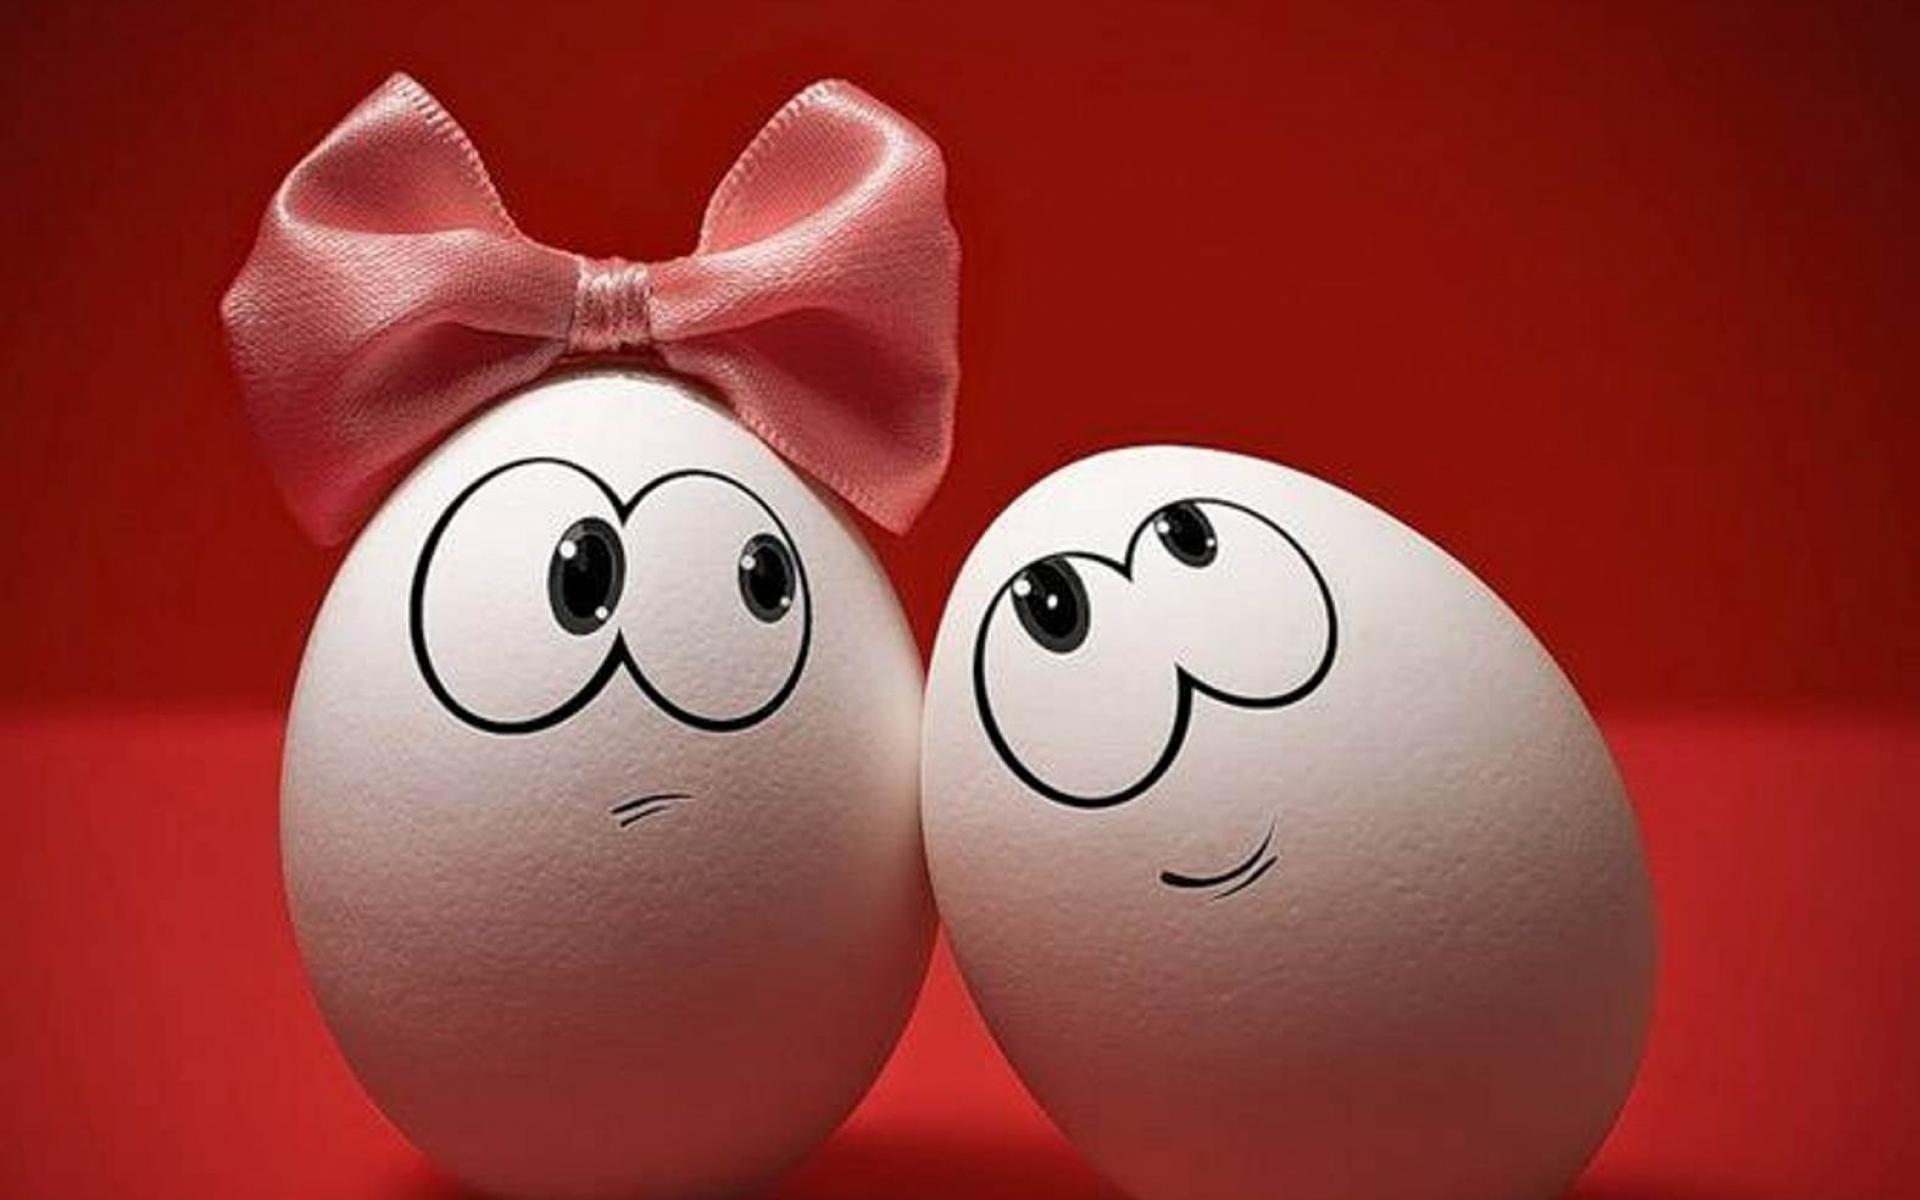 Прикольные открытки с яйцами